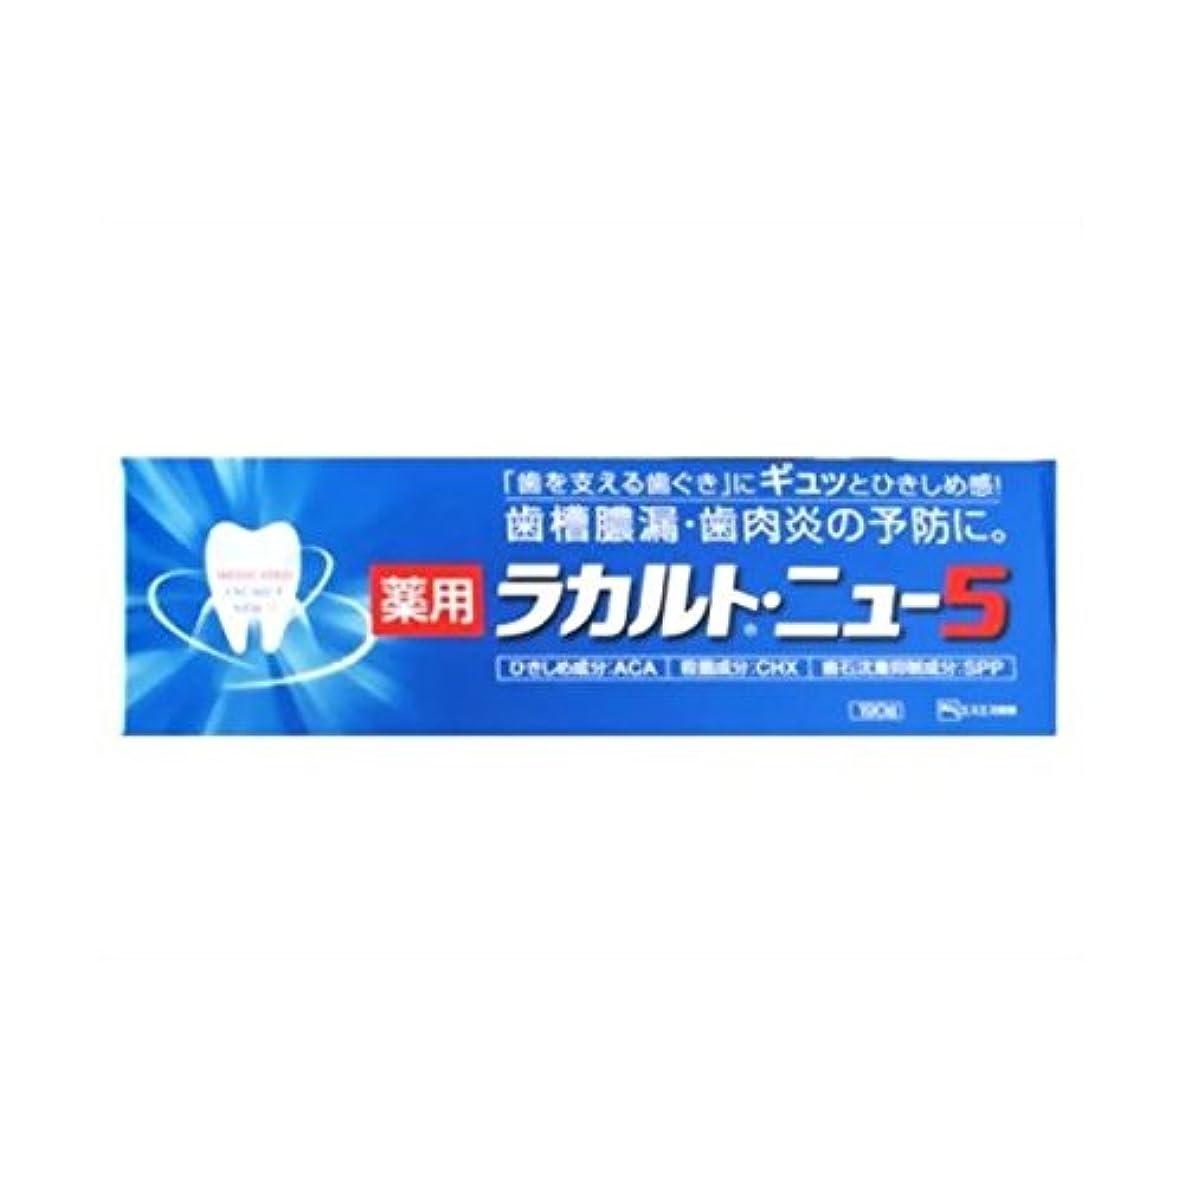 配管絶望的な節約する【お徳用 3 セット】 薬用ラカルトニュー5 190g×3セット